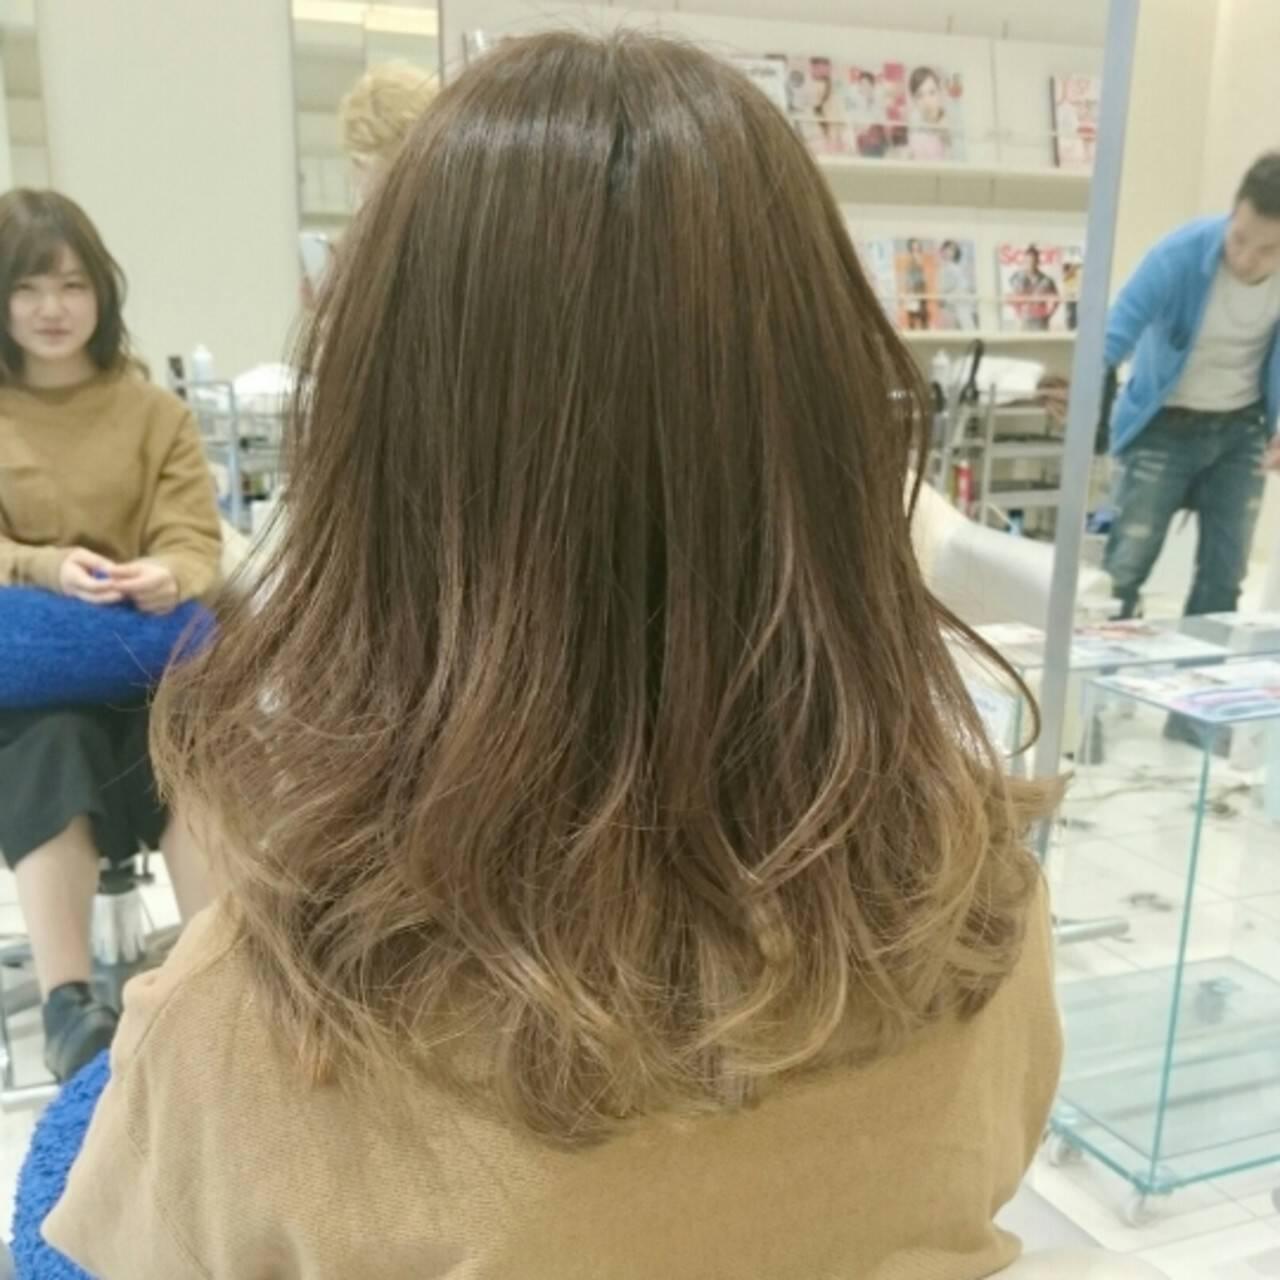 グラデーションカラー セミロング 外国人風 ガーリーヘアスタイルや髪型の写真・画像